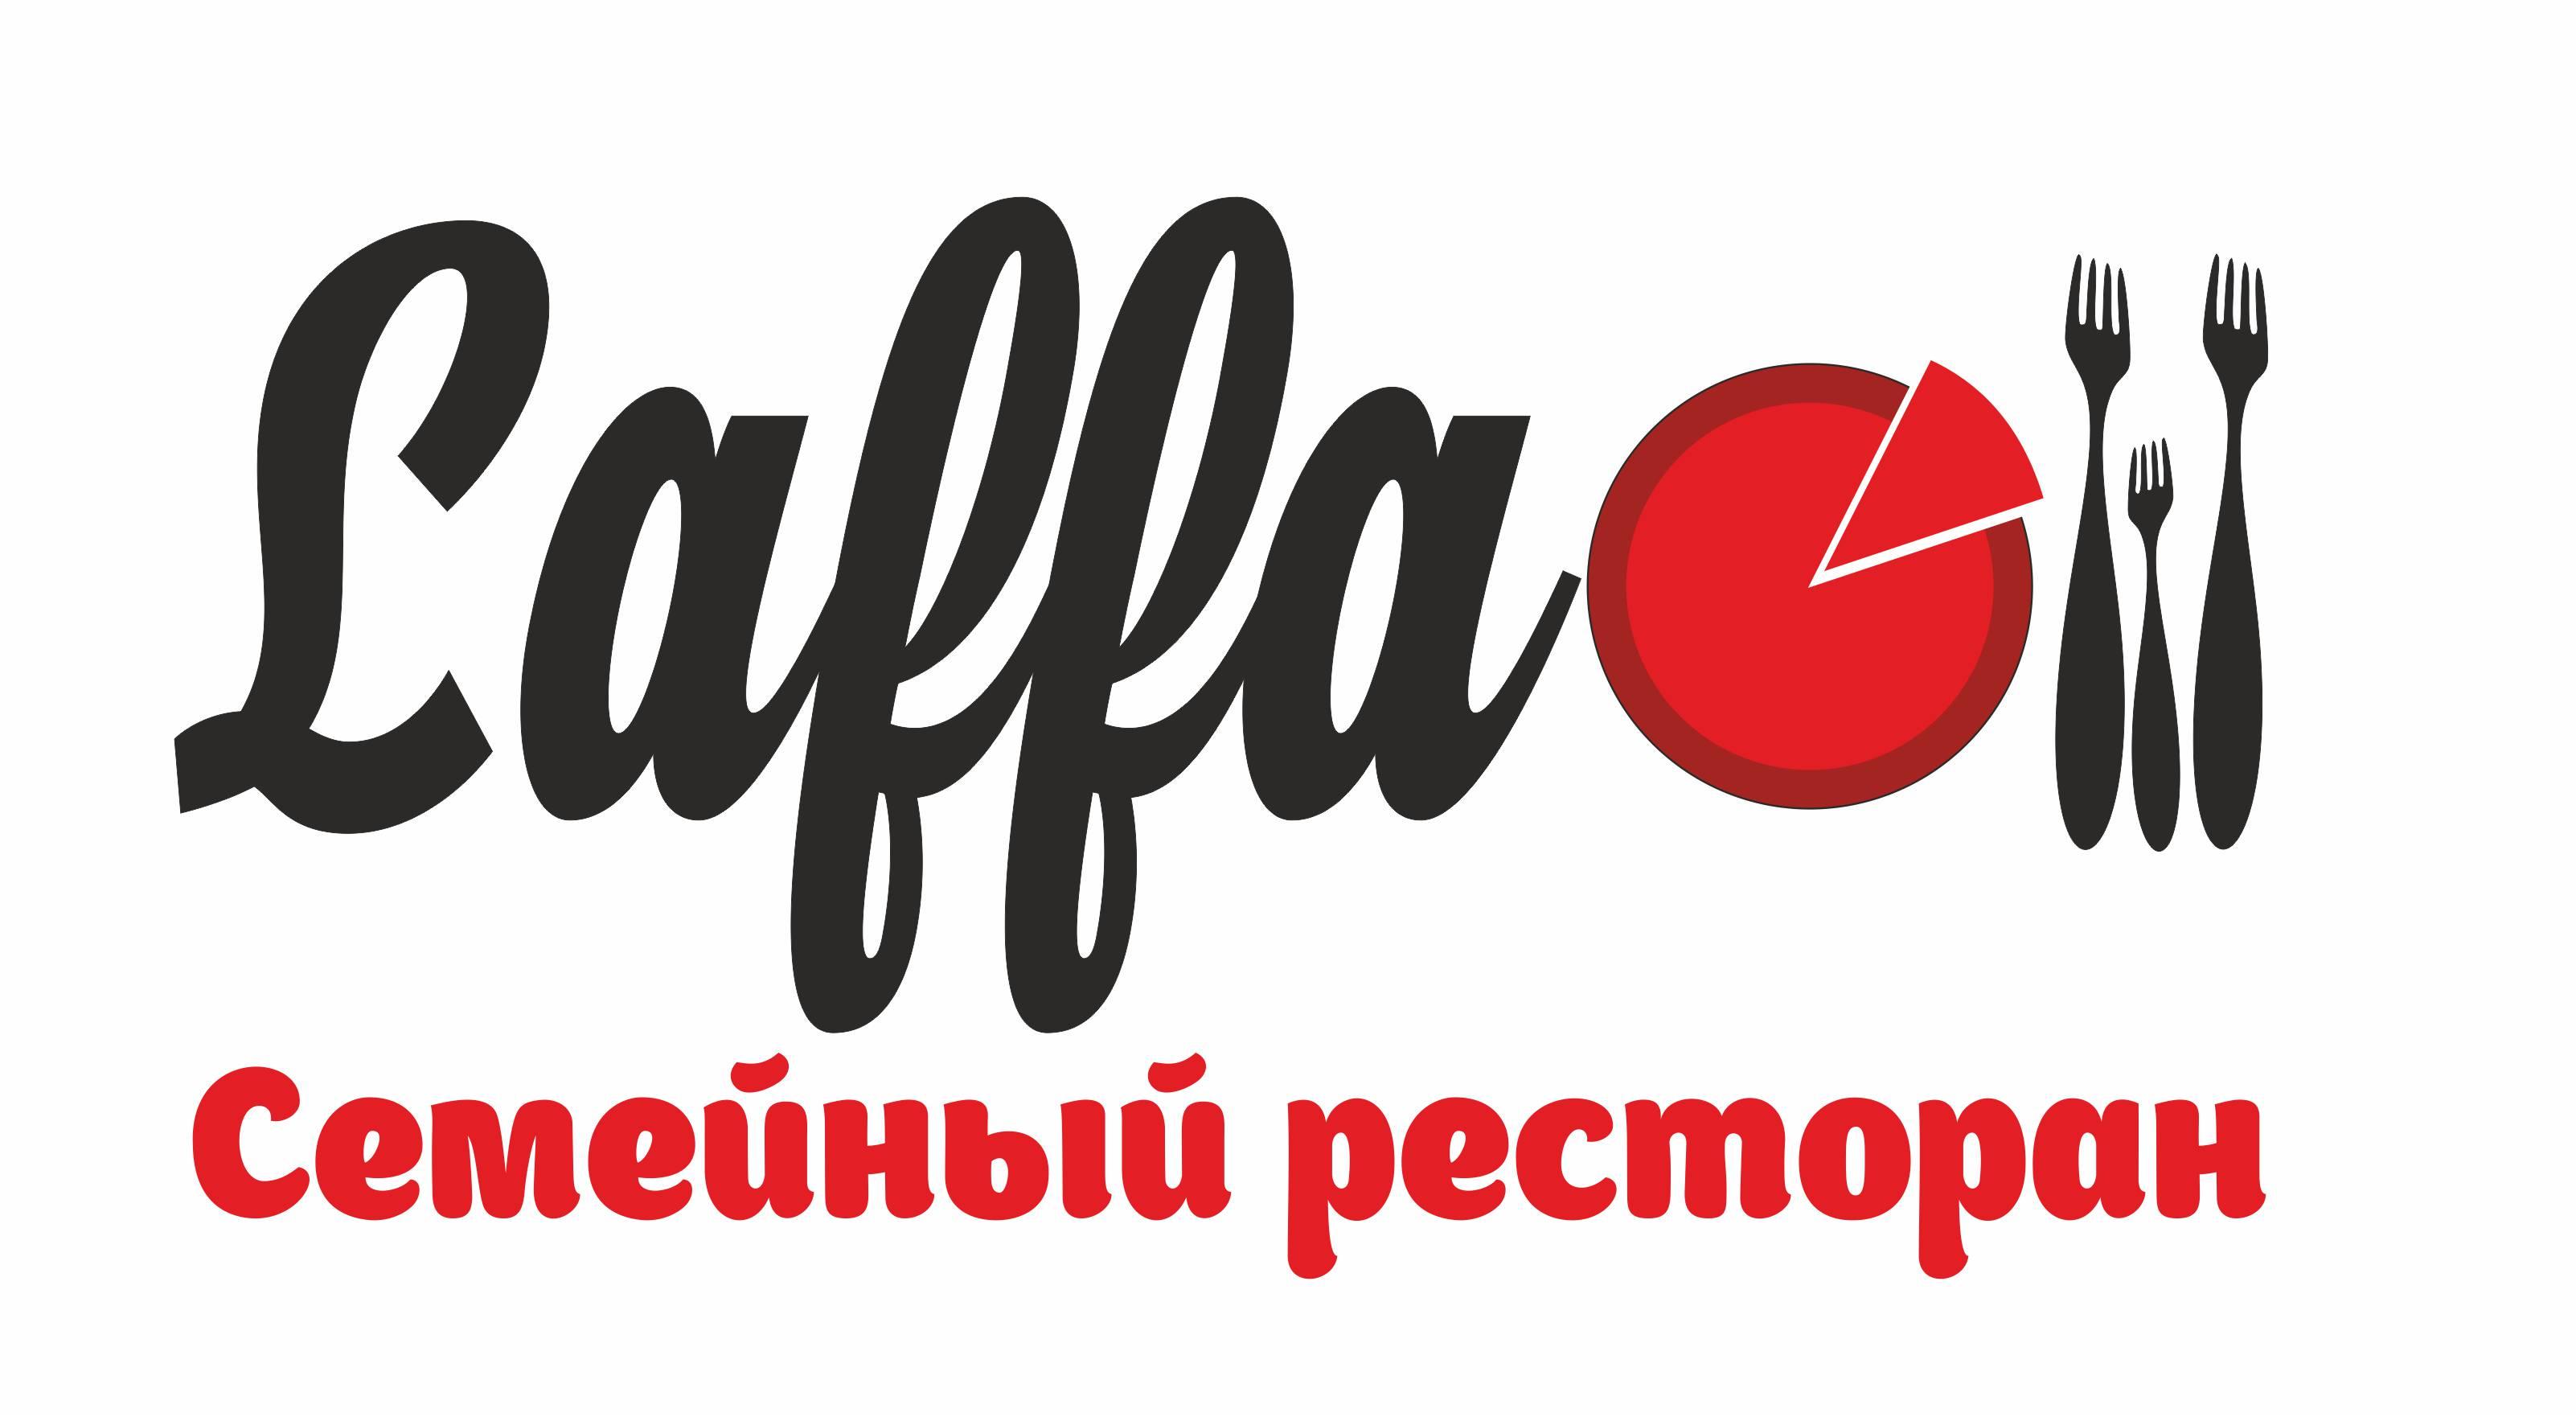 Нужно нарисовать логотип для семейного итальянского ресторан фото f_330554a05053a841.jpg